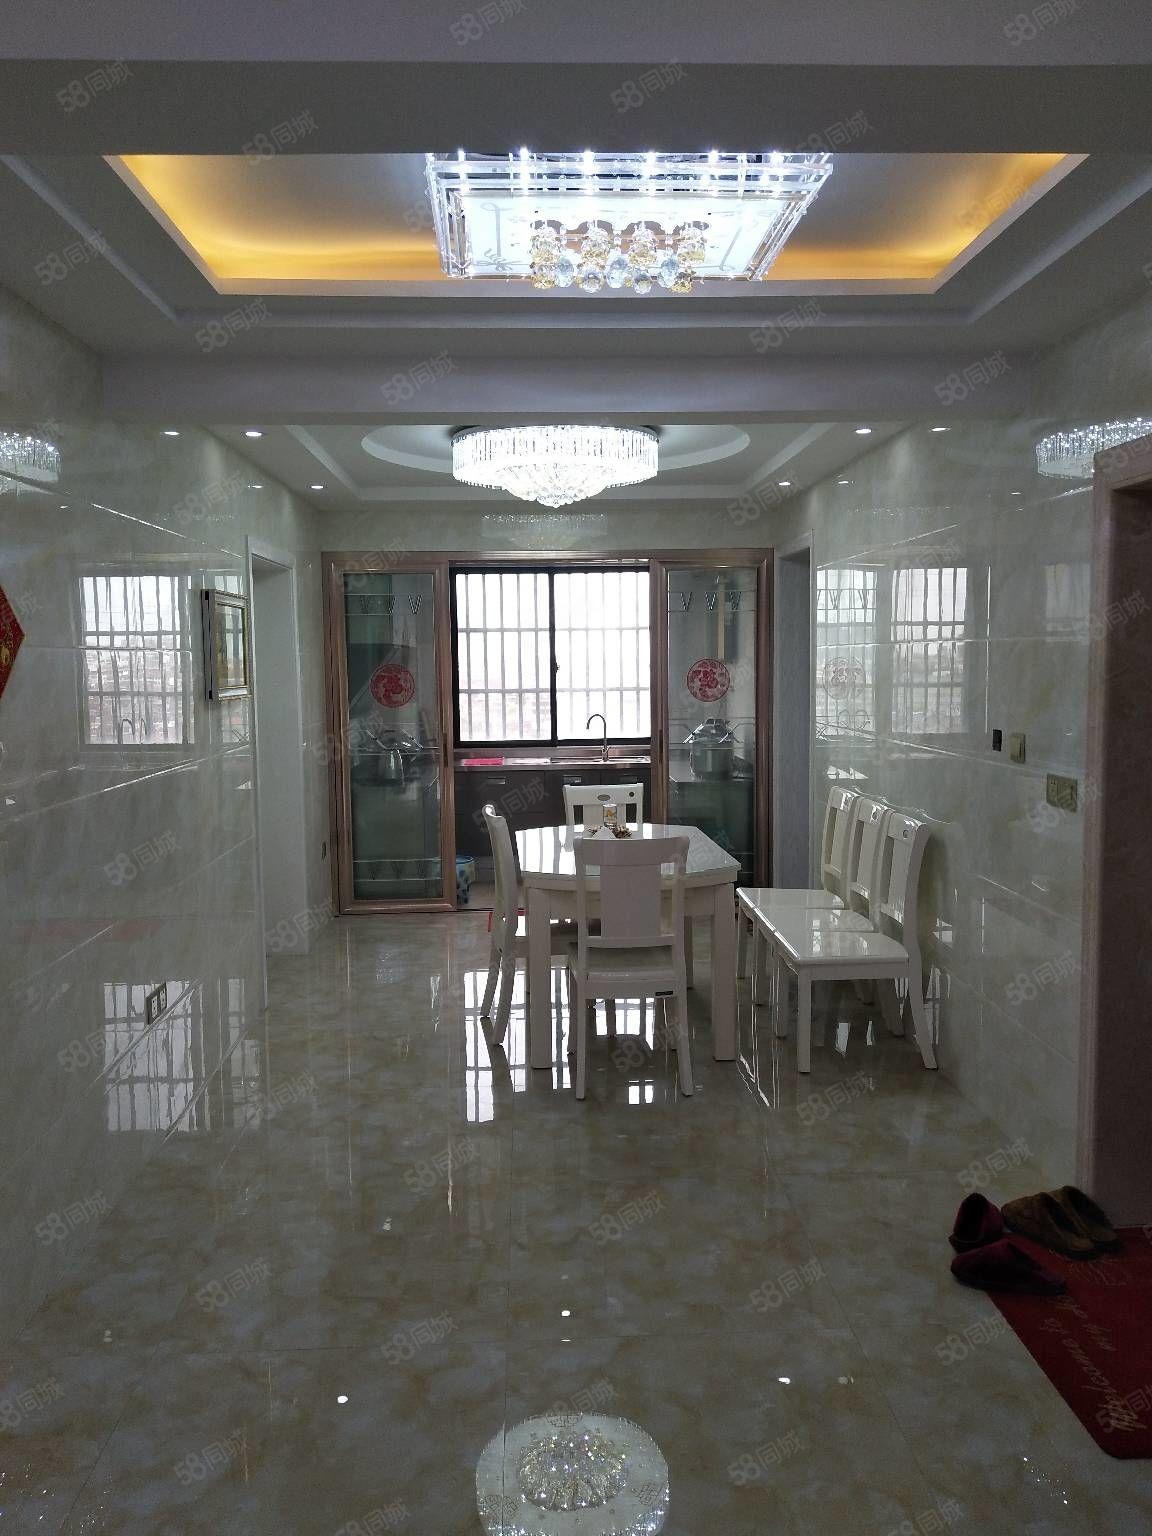 世纪新城10楼3室2厅2卫140平精装潢月租金2080元